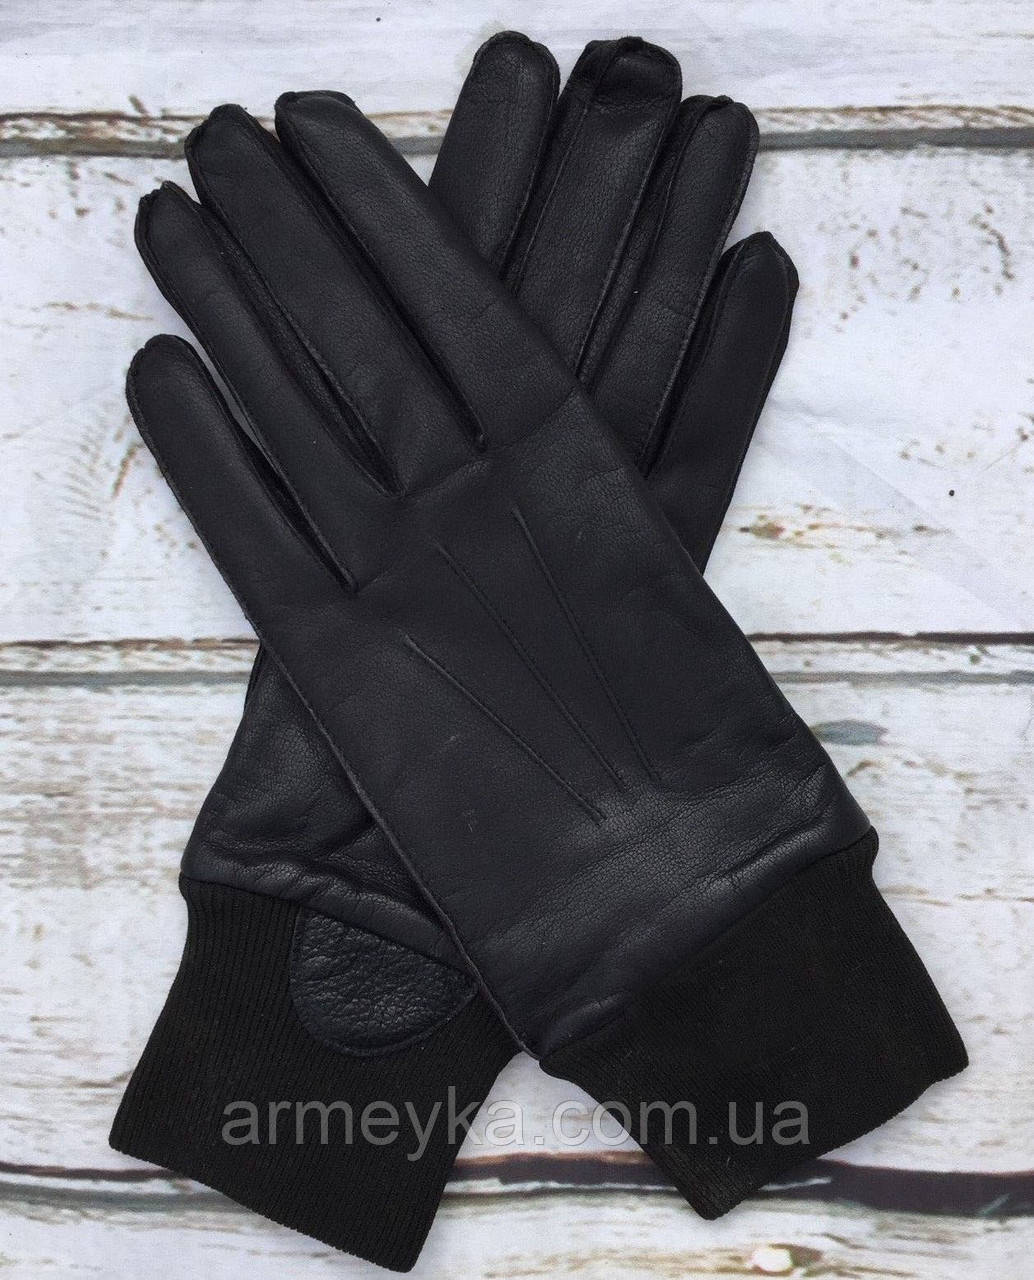 Зимние перчатки с подкладкой, черные. Великобритания, оригинал.